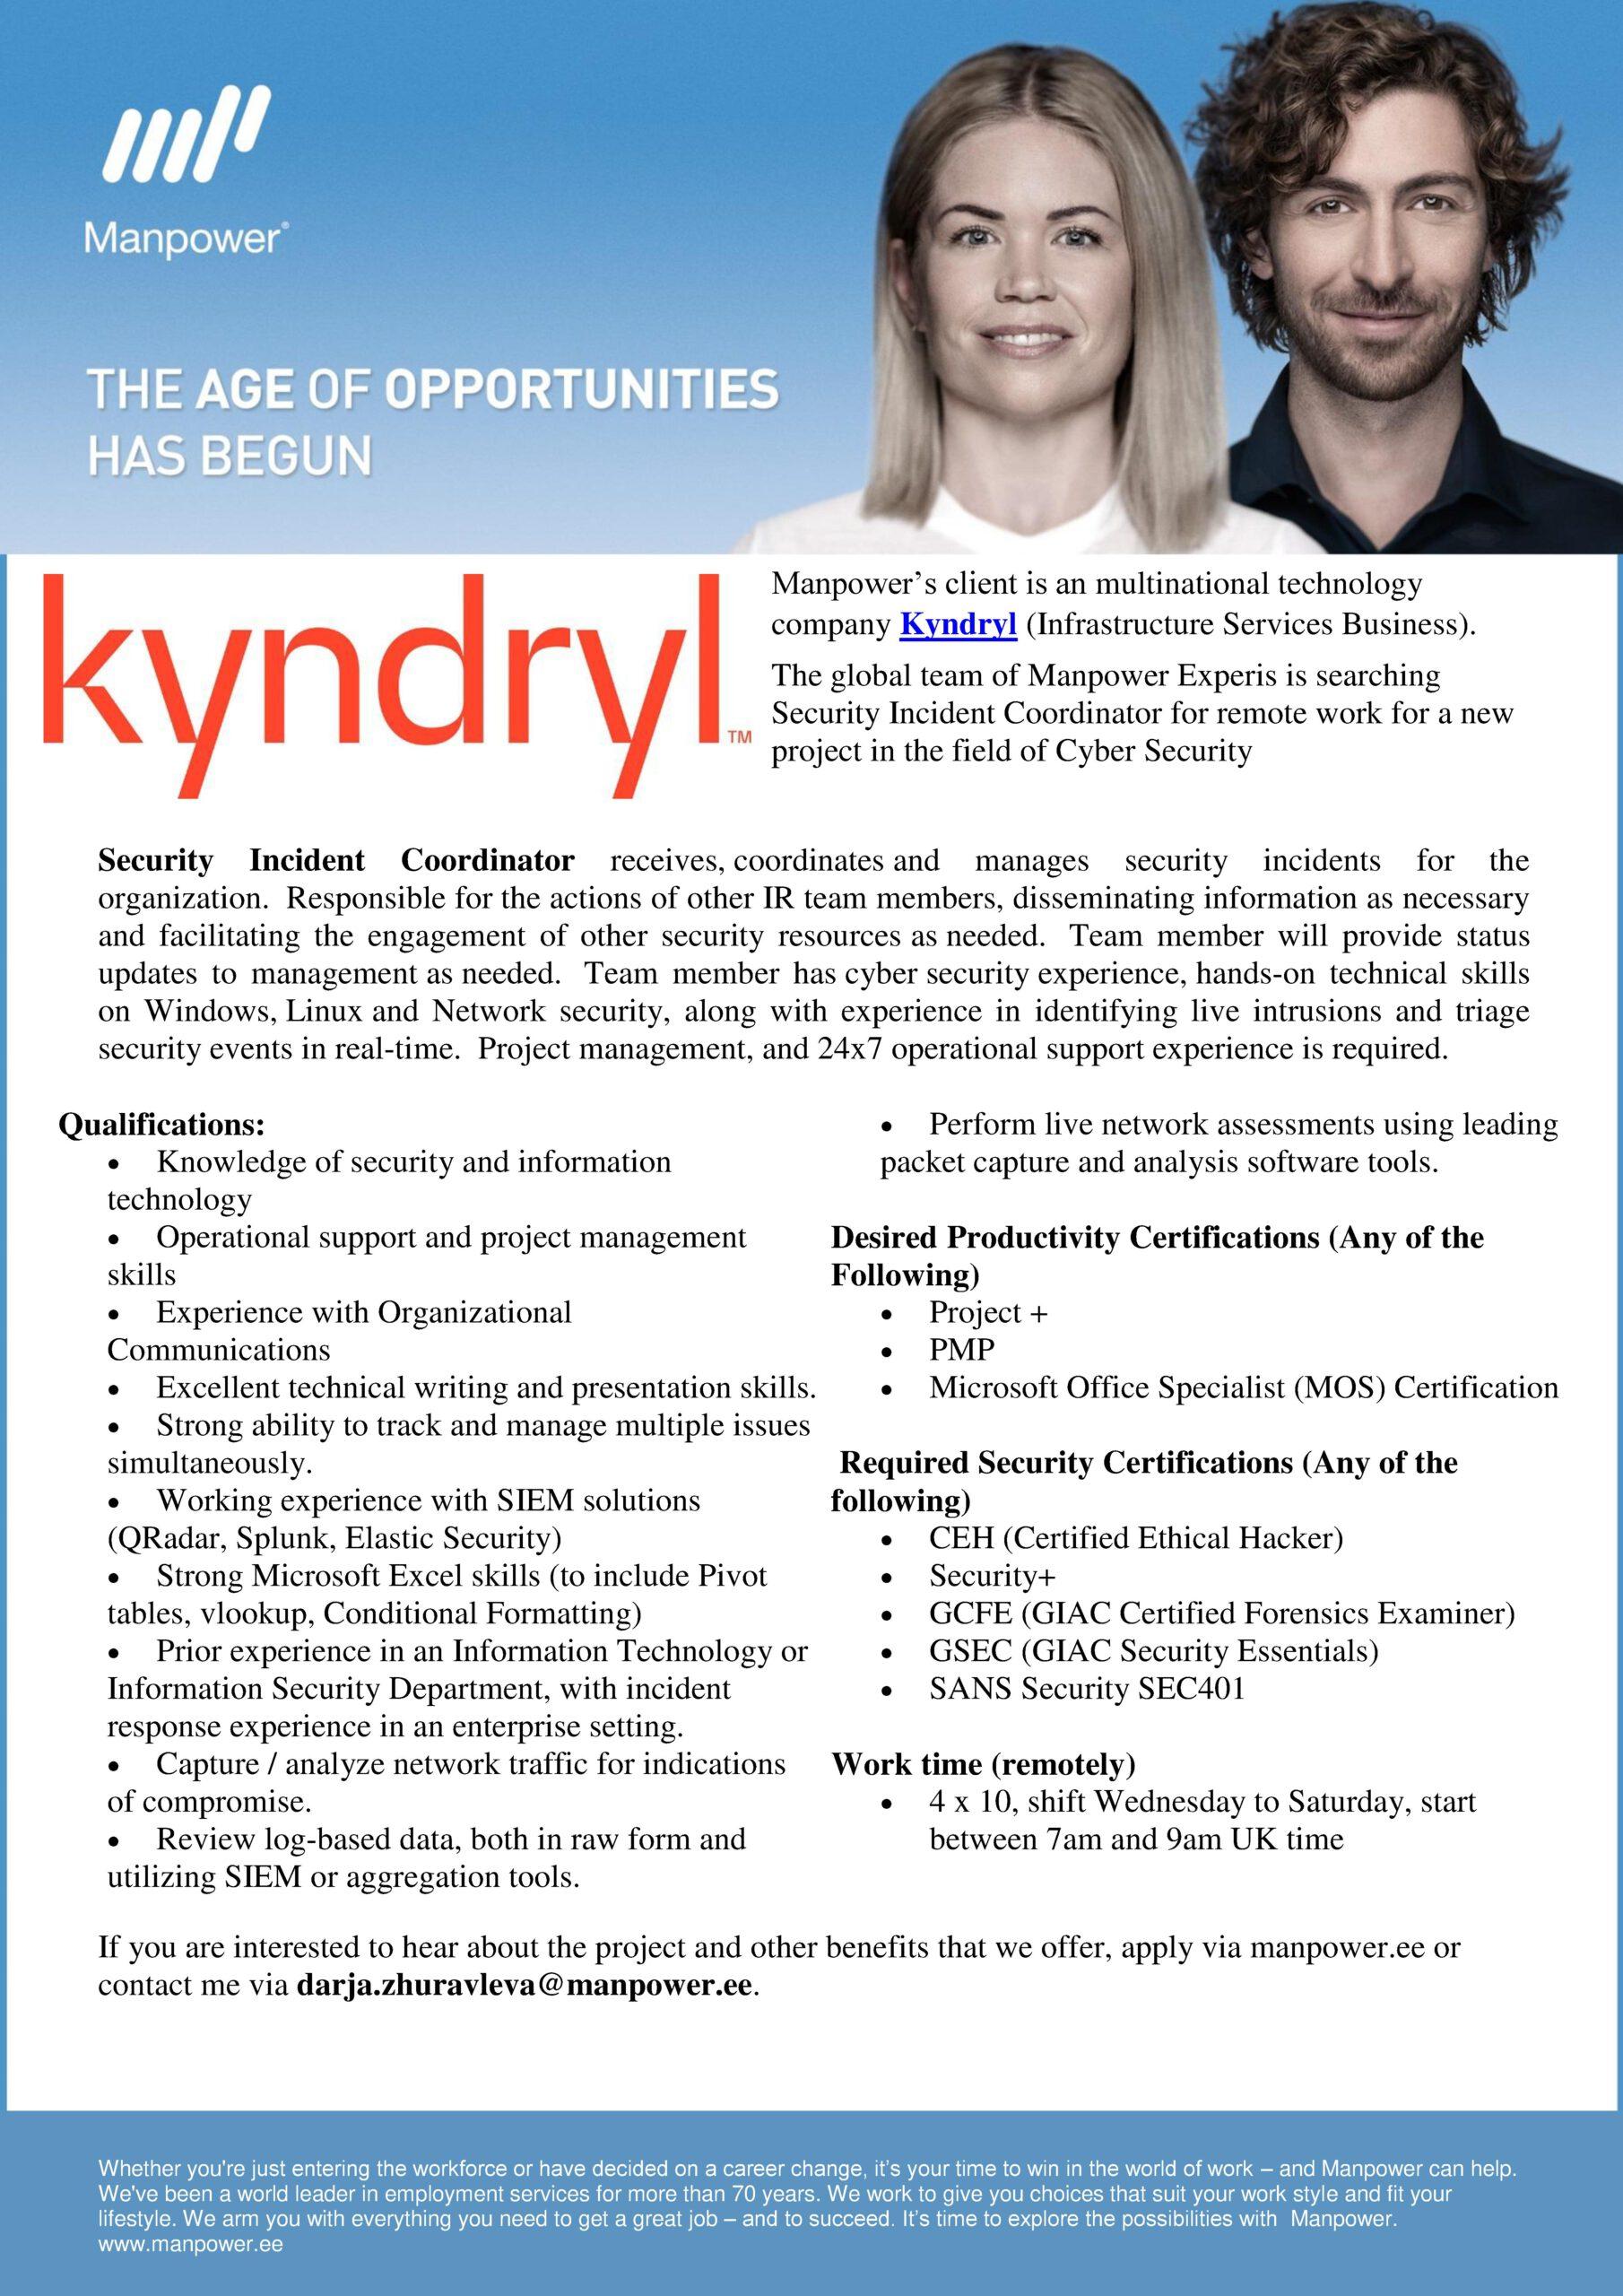 https://www.kyndryl.com/